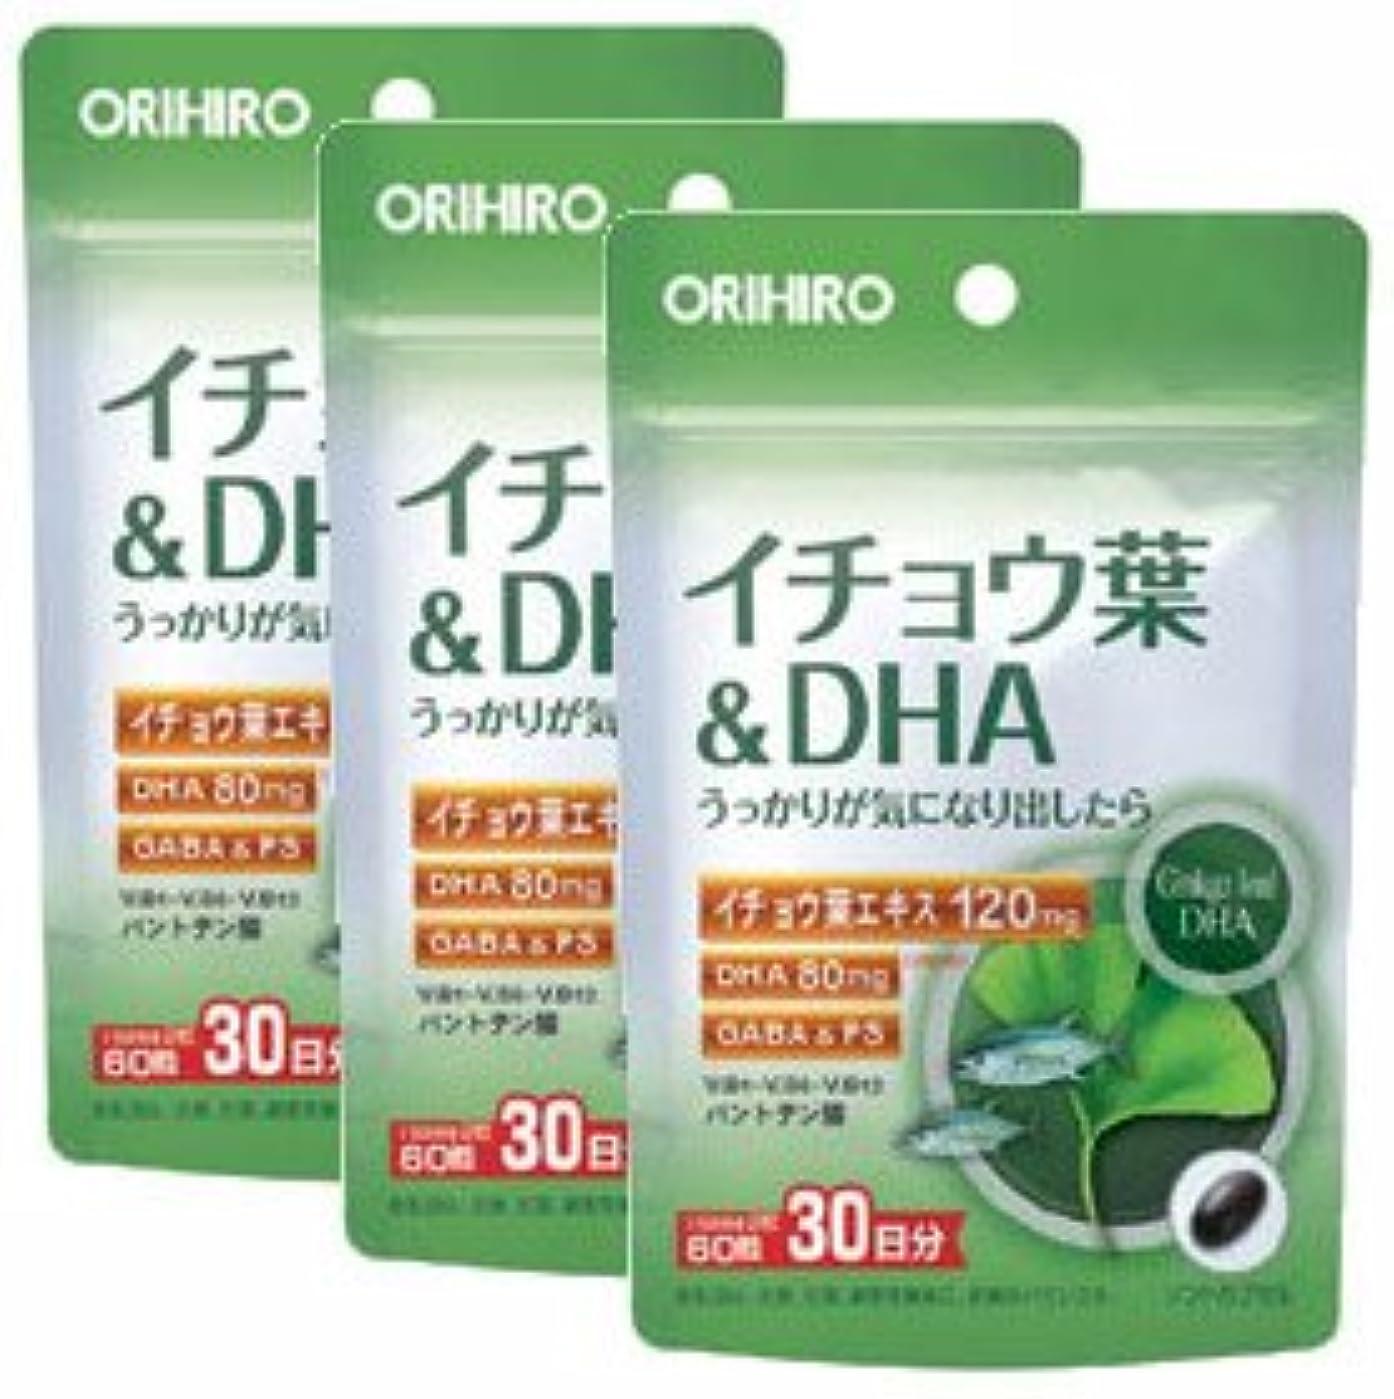 微生物断言する受賞イチョウ葉&DHA PD【3袋セット】オリヒロ